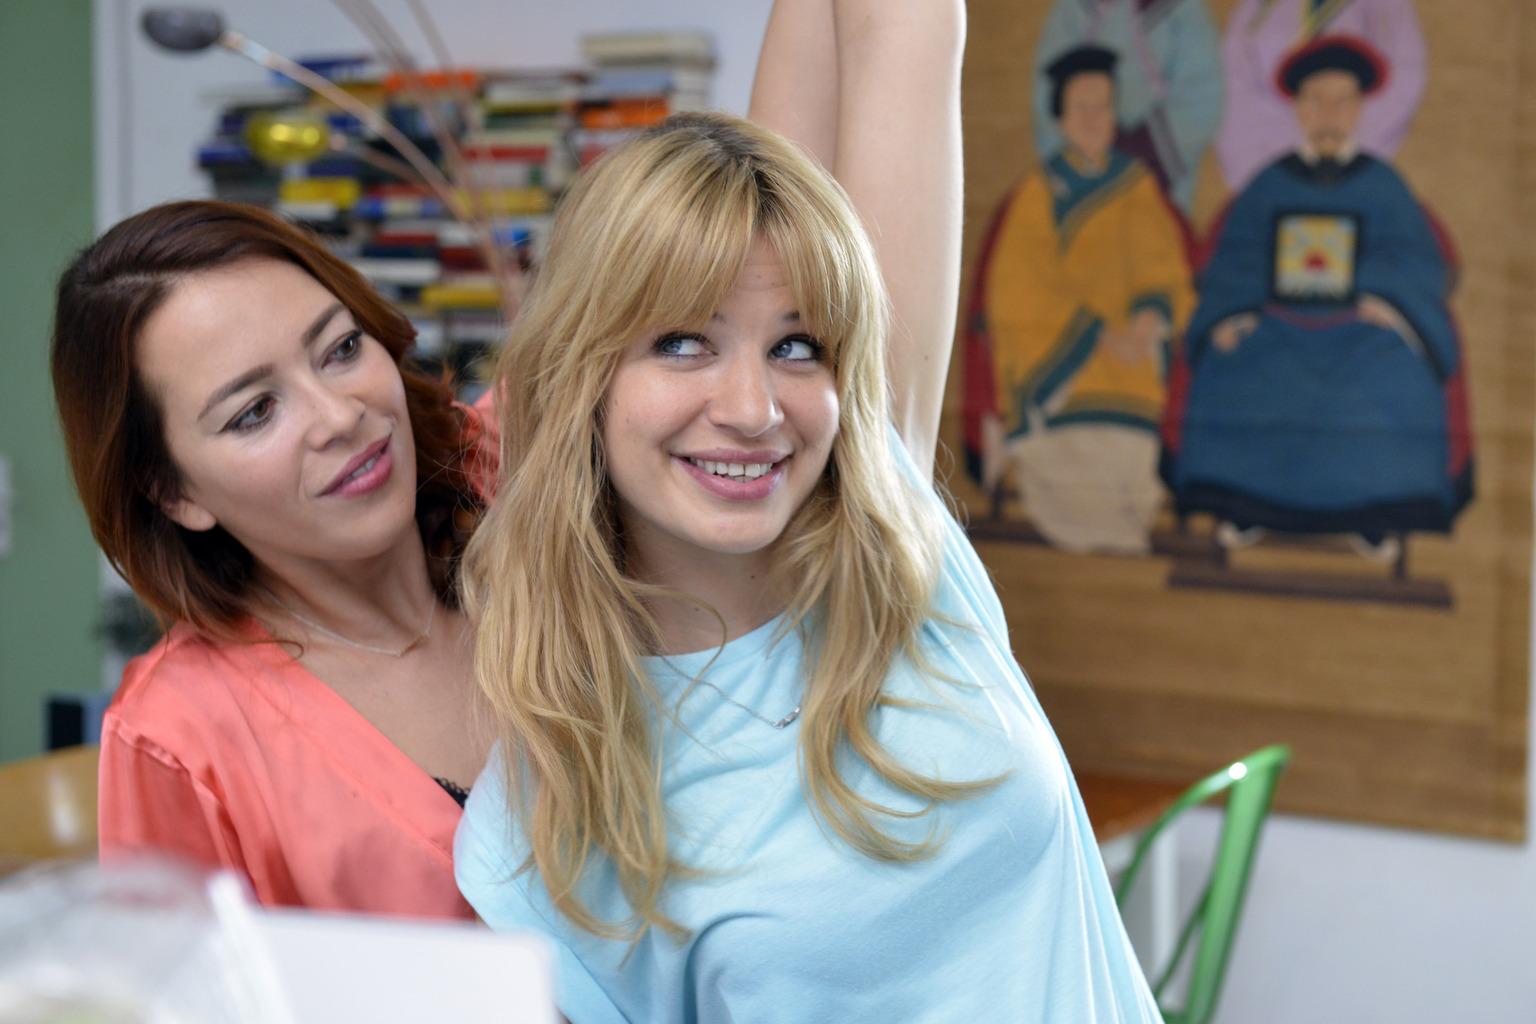 Eigentlich ist sich Mila (Susan Sideropoulos, r.) nicht sicher, ob sie online über ein Dating-Portal ihren Traummann suchen soll. Doch Sally (Laura Osswald, l.) bestärkt sie darin ... (Quelle: Sat1)